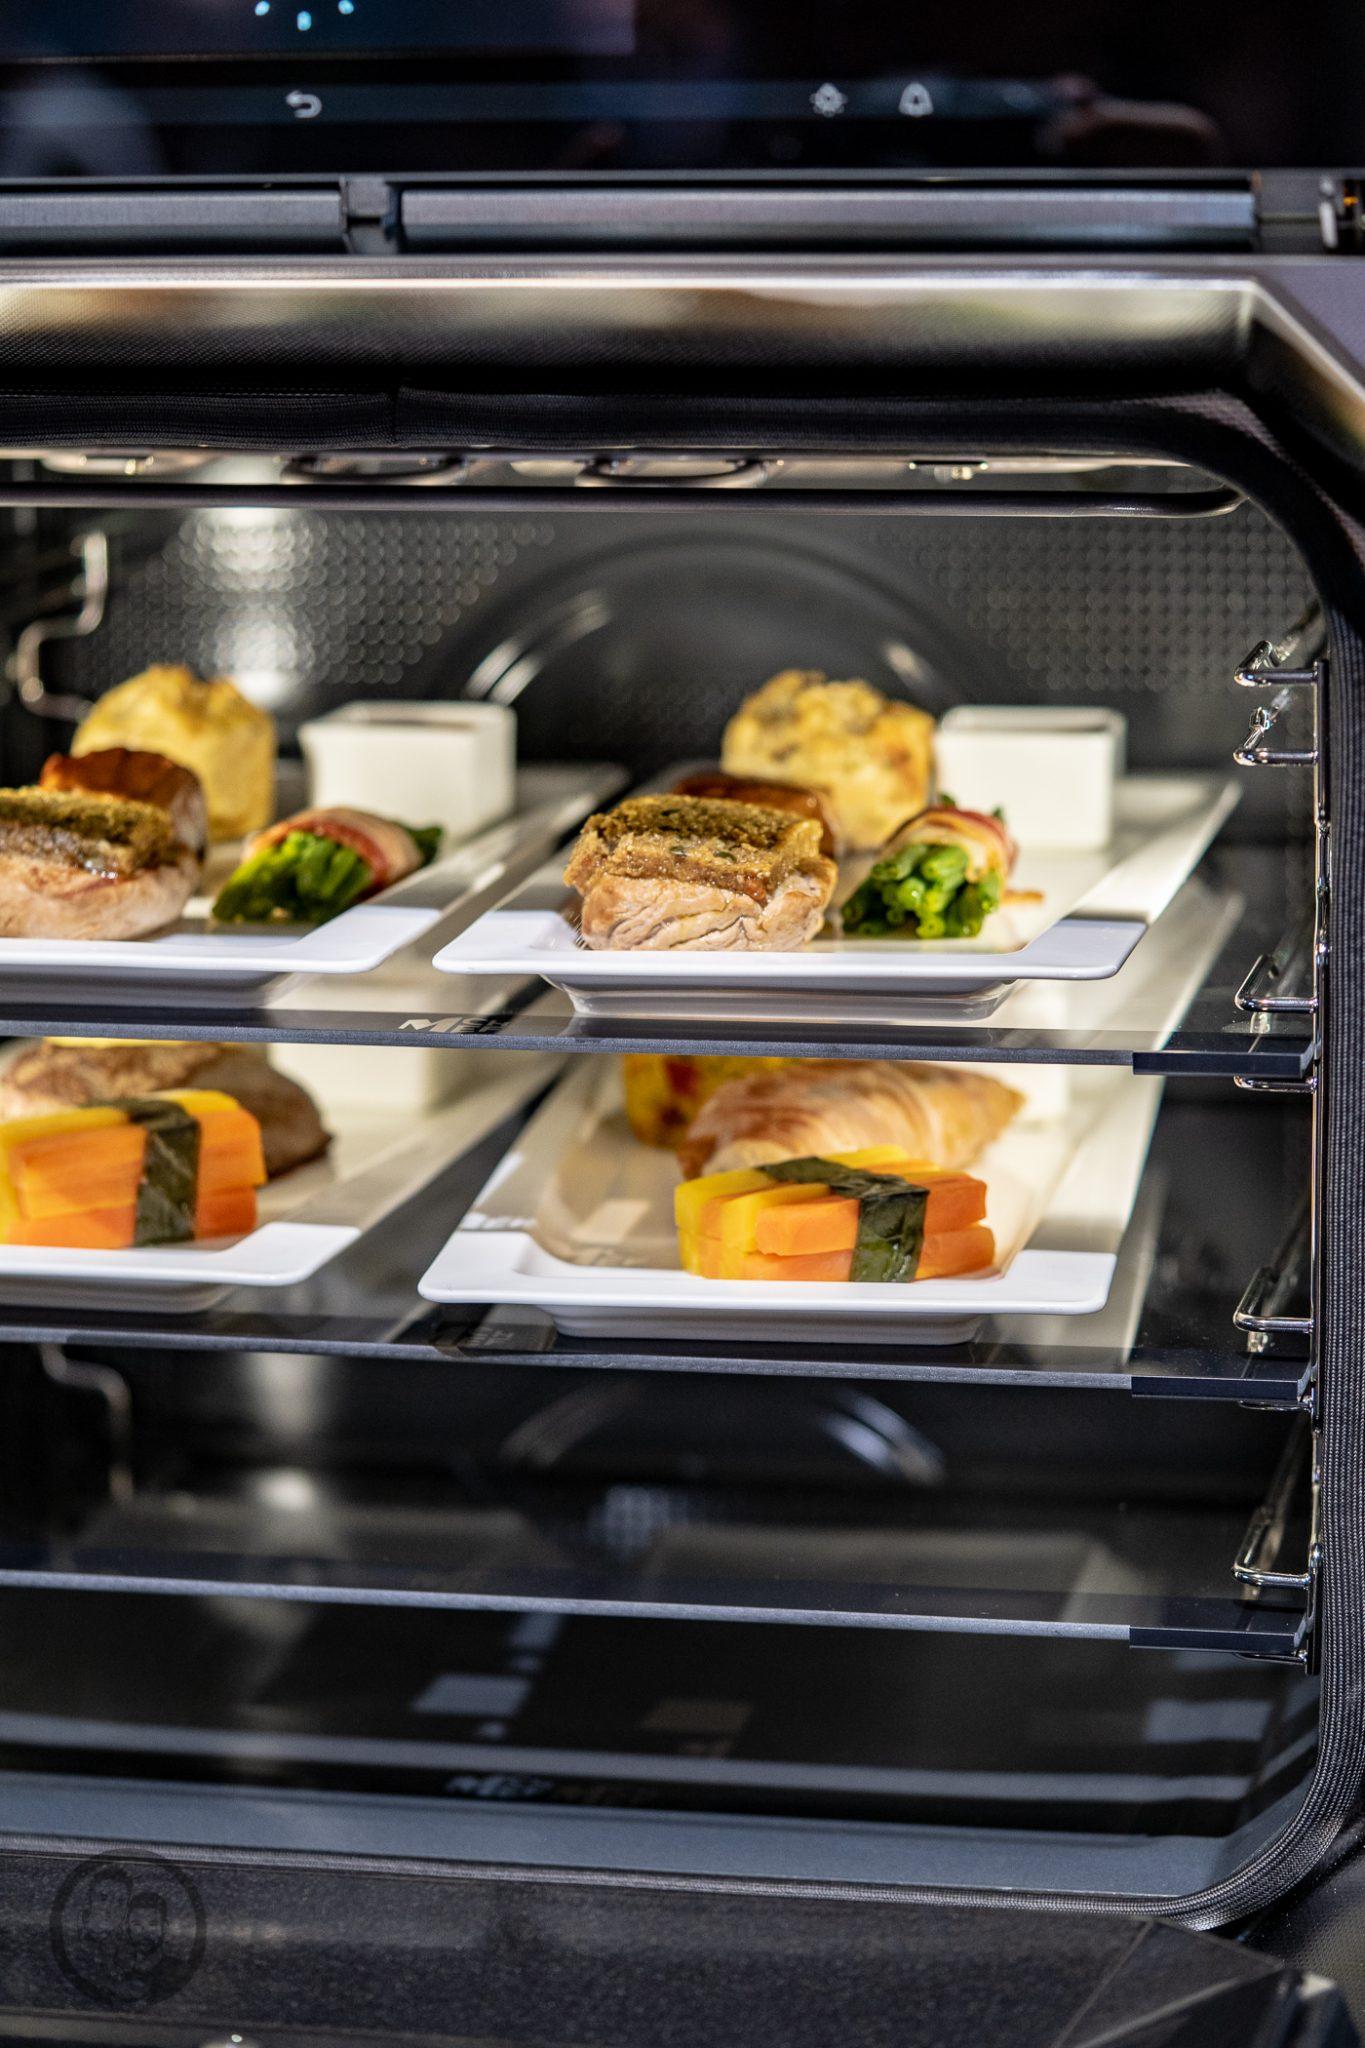 Küchenmeile mW 31 | Wie ihr ja bestimmt wisst, sind wir seit diesem Jahr Kooperationspartner von Miele.Daher hatten wir das große Glück, den Messestand von Miele nicht nur auf der IFA, sondern auch auf der Küchenmeile in Rödinghausen zu besuchen. Dort konnten wir uns einen spannenden Eindruck der Miele Küchenneuheiten machen, aber auch von der restlichen Produktpalette. Da Küchenequipment für alle Koch- und Backbegeisterten auch ein großes Thema ist, möchten wir euch gerne an unserem Besuch teilhaben lassen.